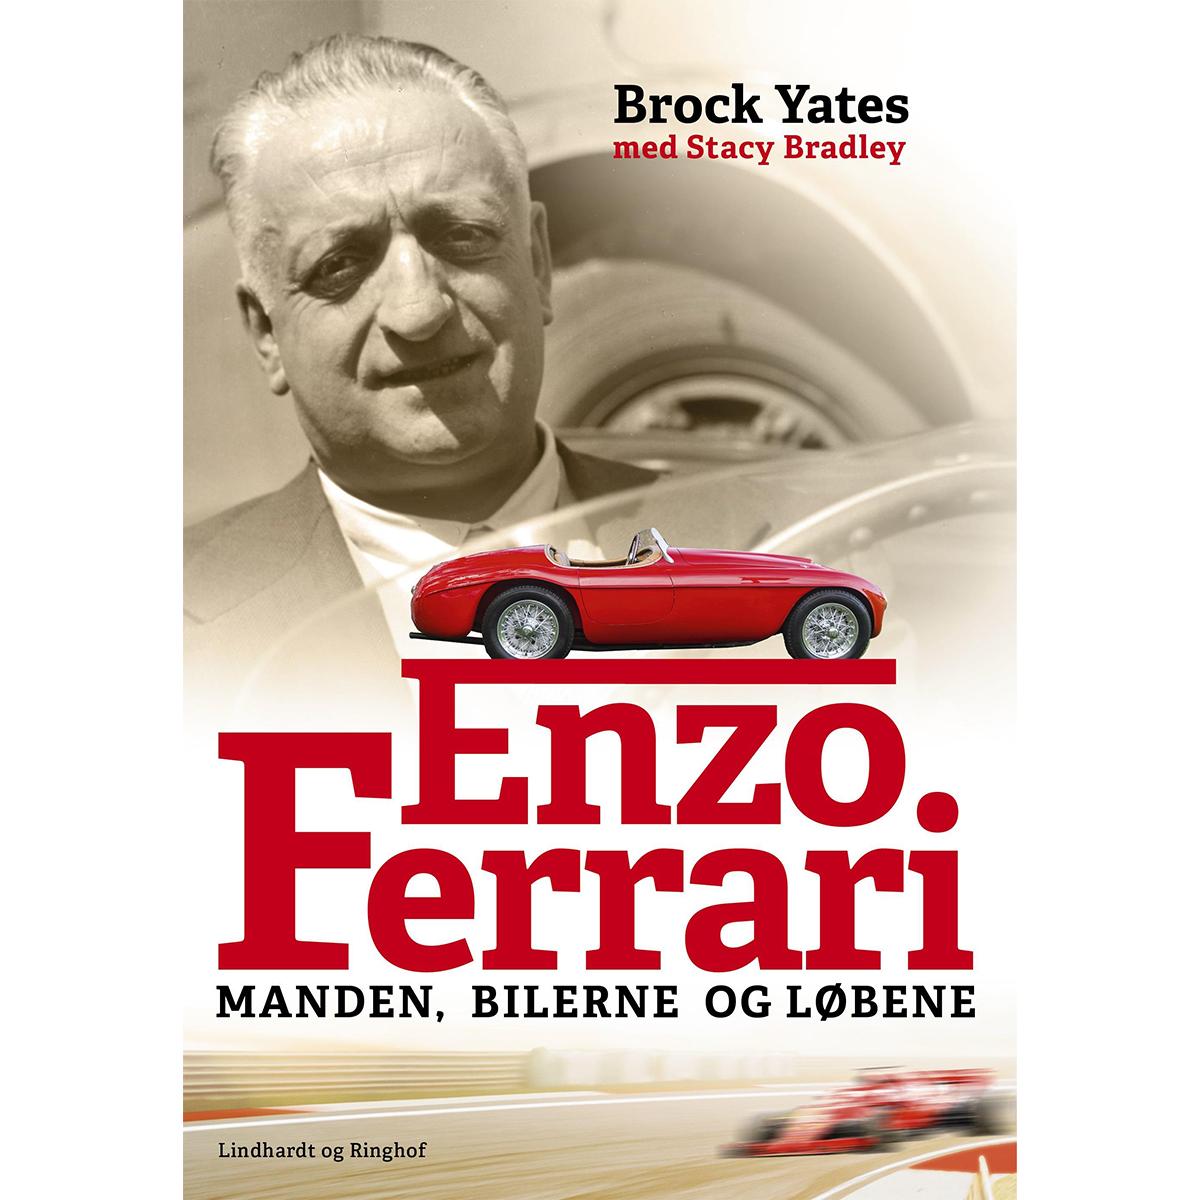 Enzo Ferrari - Manden, bilerne og løbene - Indbundet